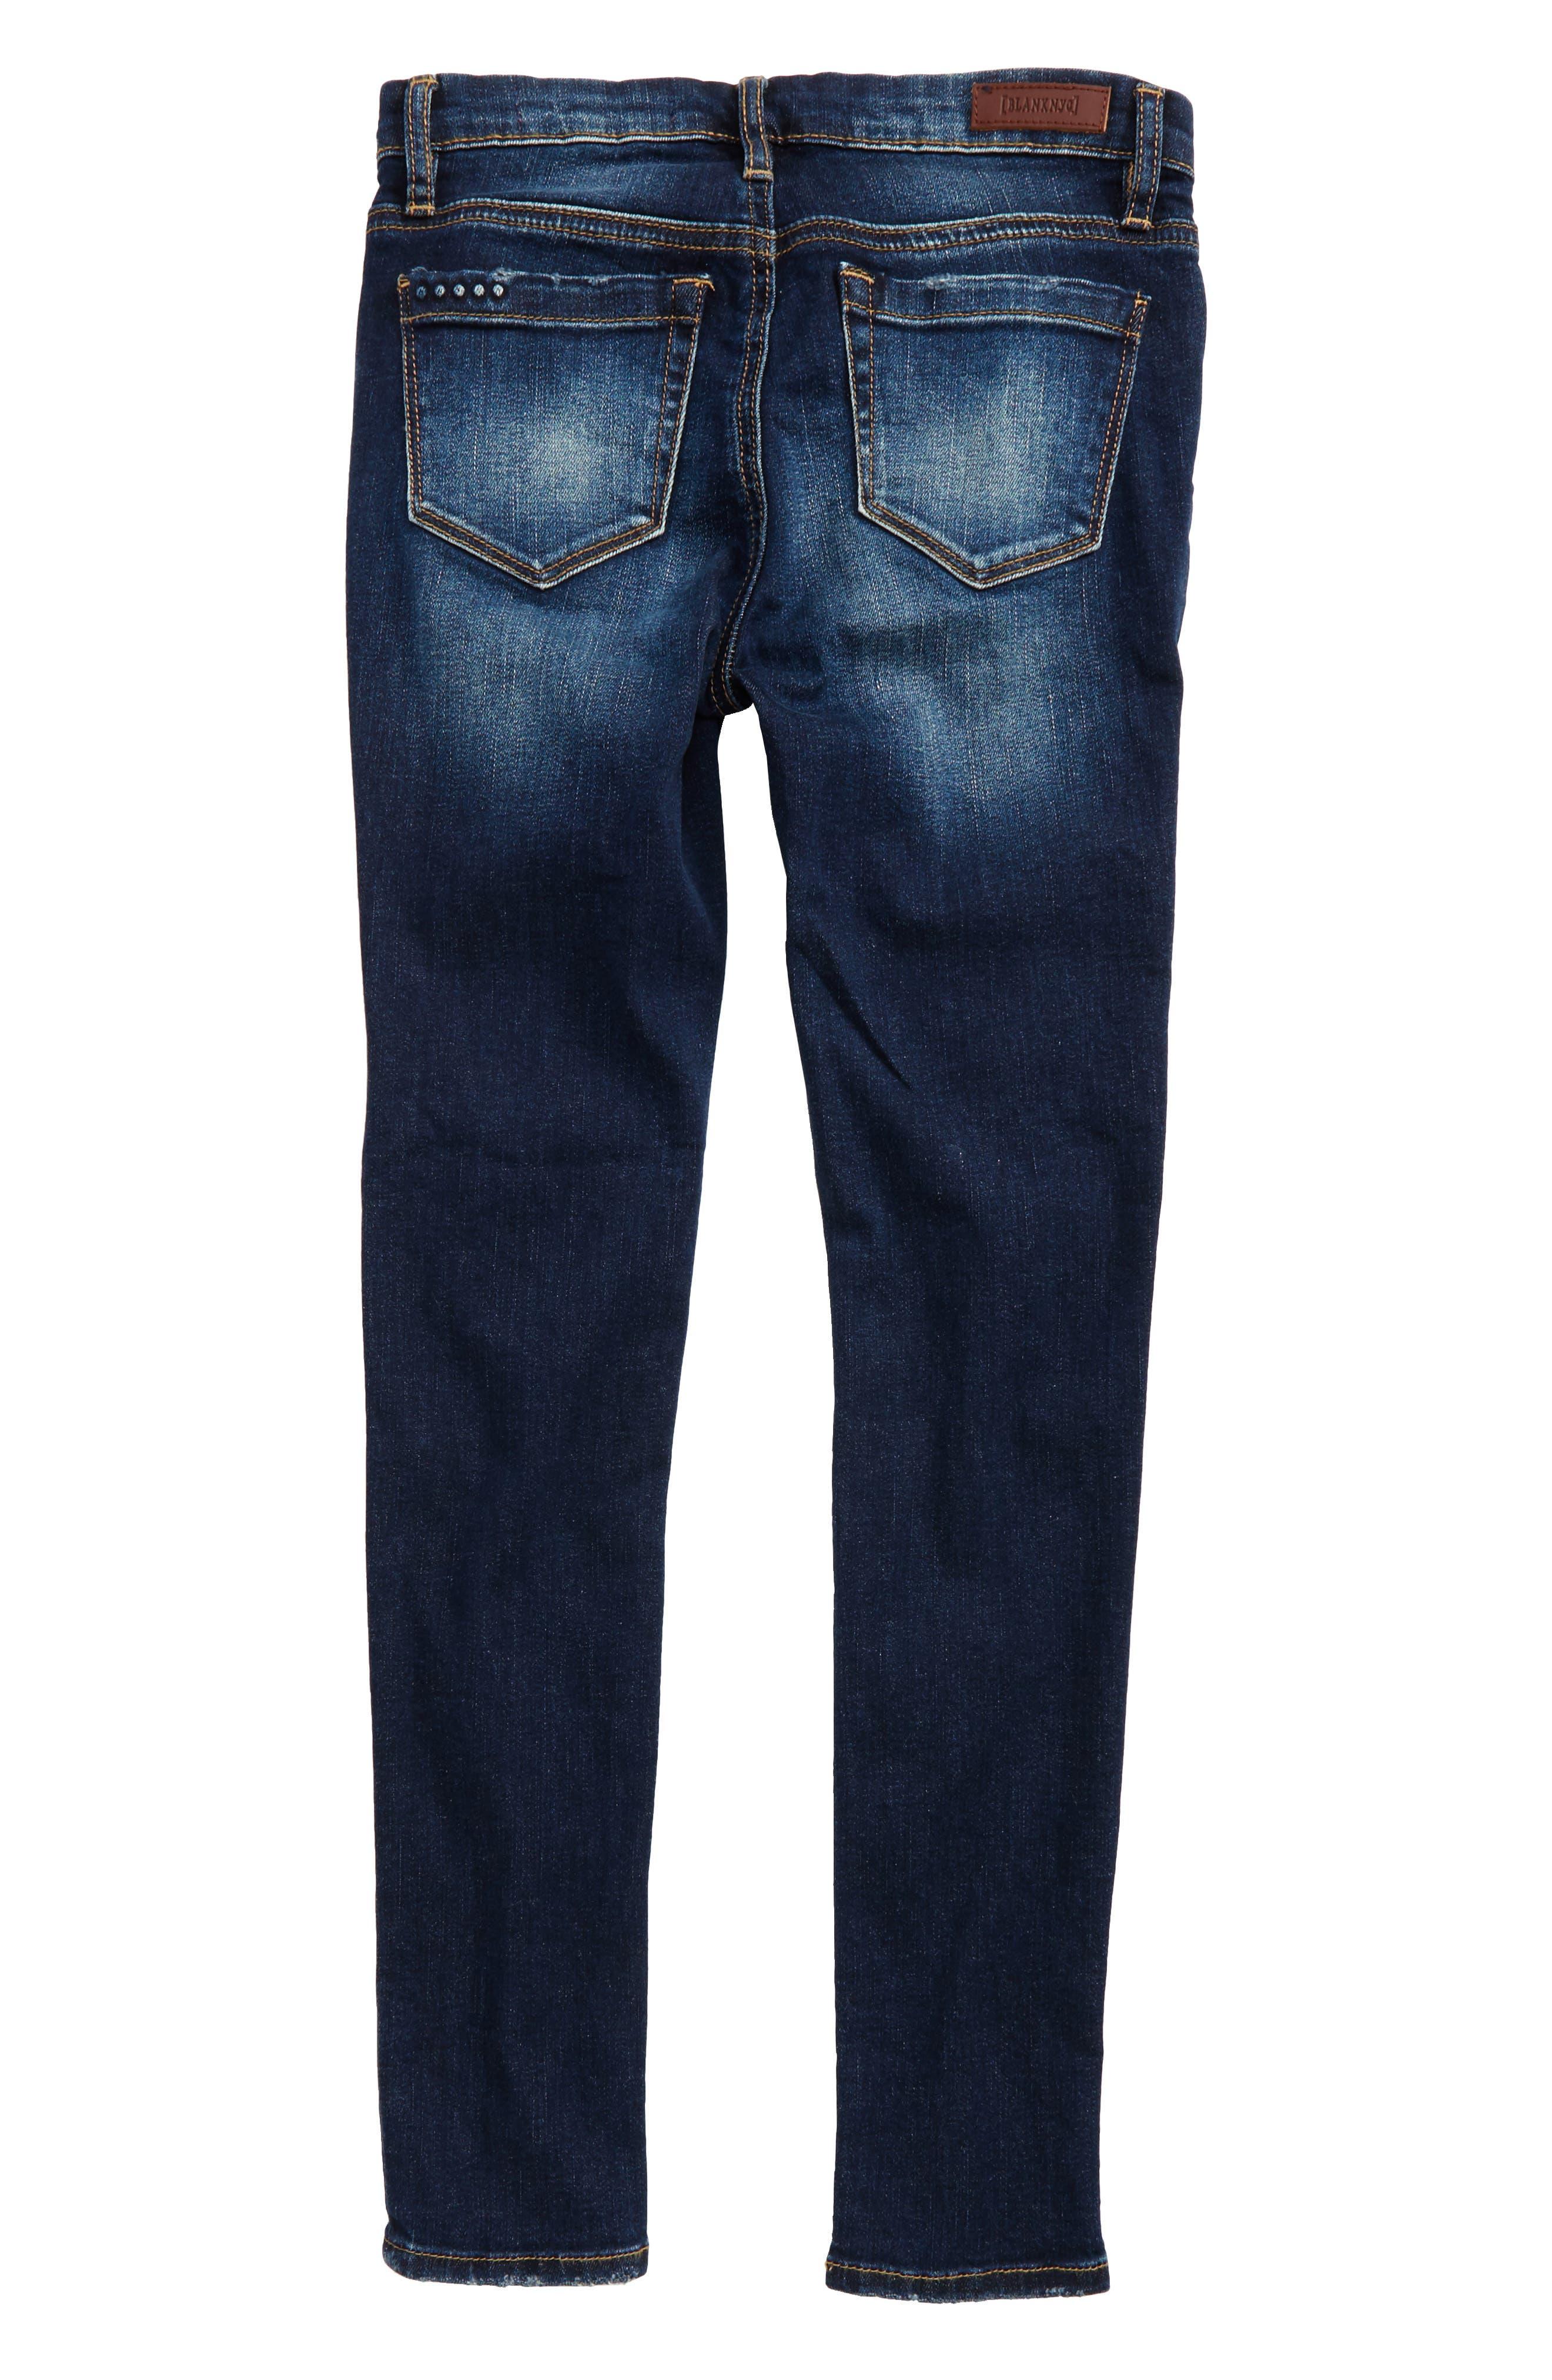 Rip & Repair Skinny Jeans,                             Alternate thumbnail 2, color,                             Cult Classic Blue